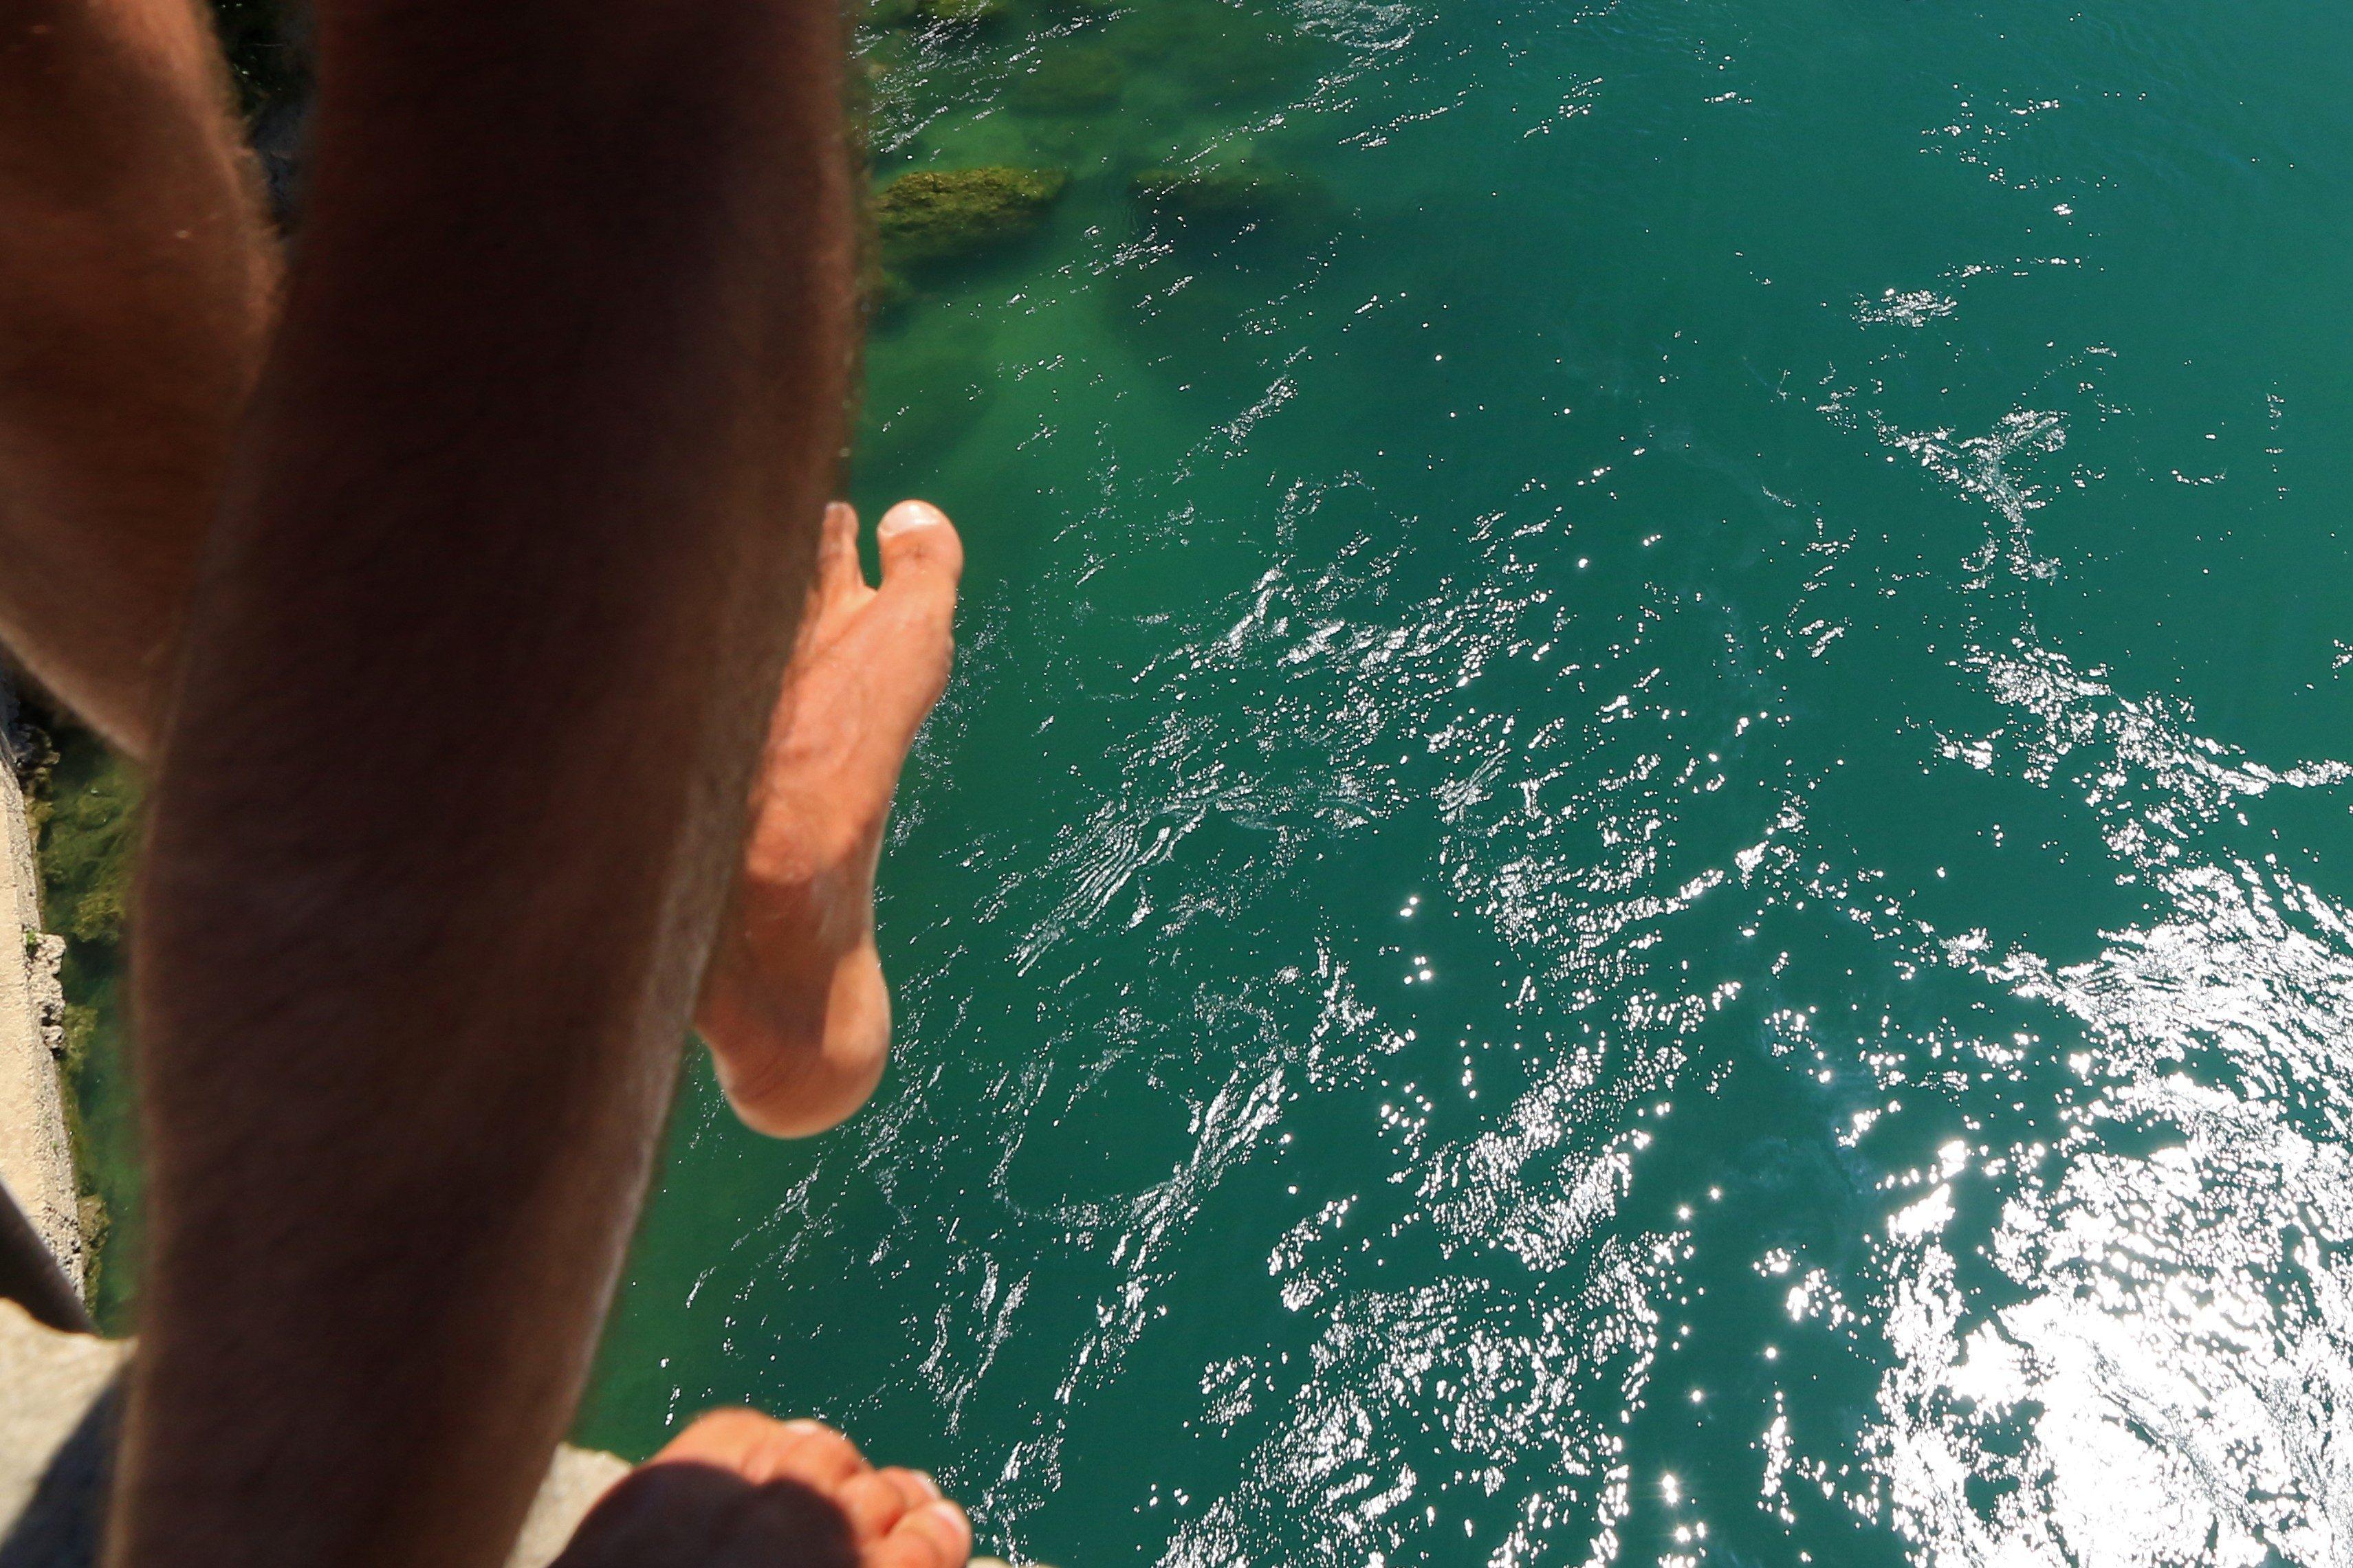 川に飛び込む